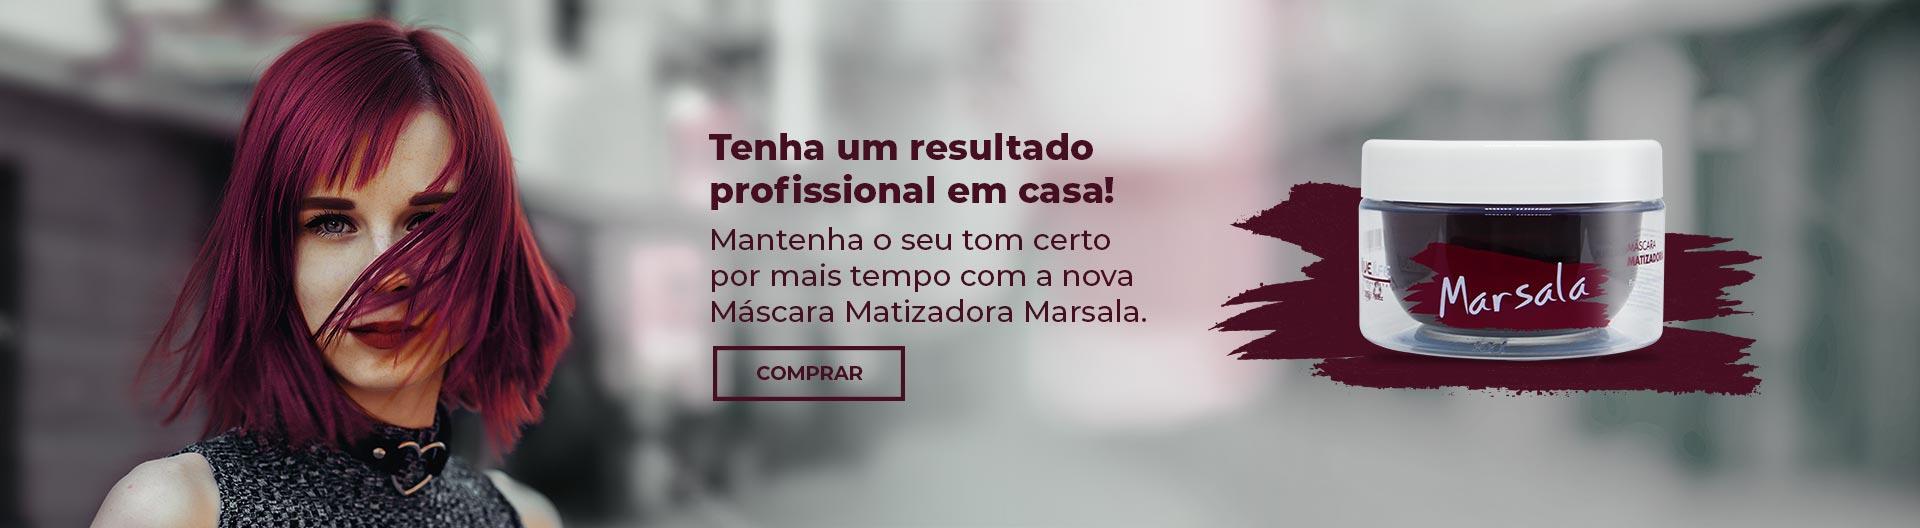 Matizadora Marsala